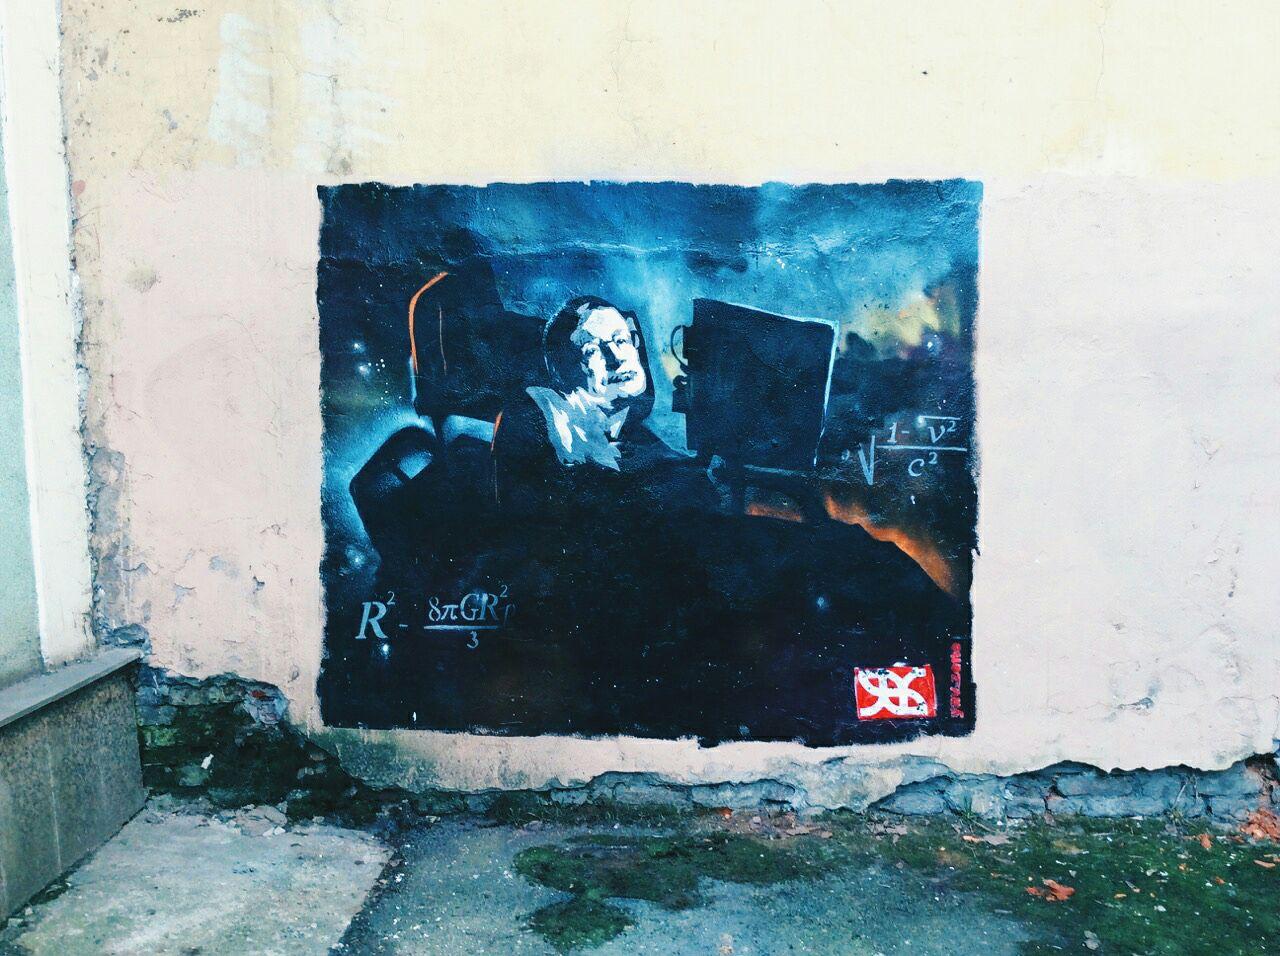 граффити космонавтика космос Санкт-Петербург смерть Стивен Хокинг ученые